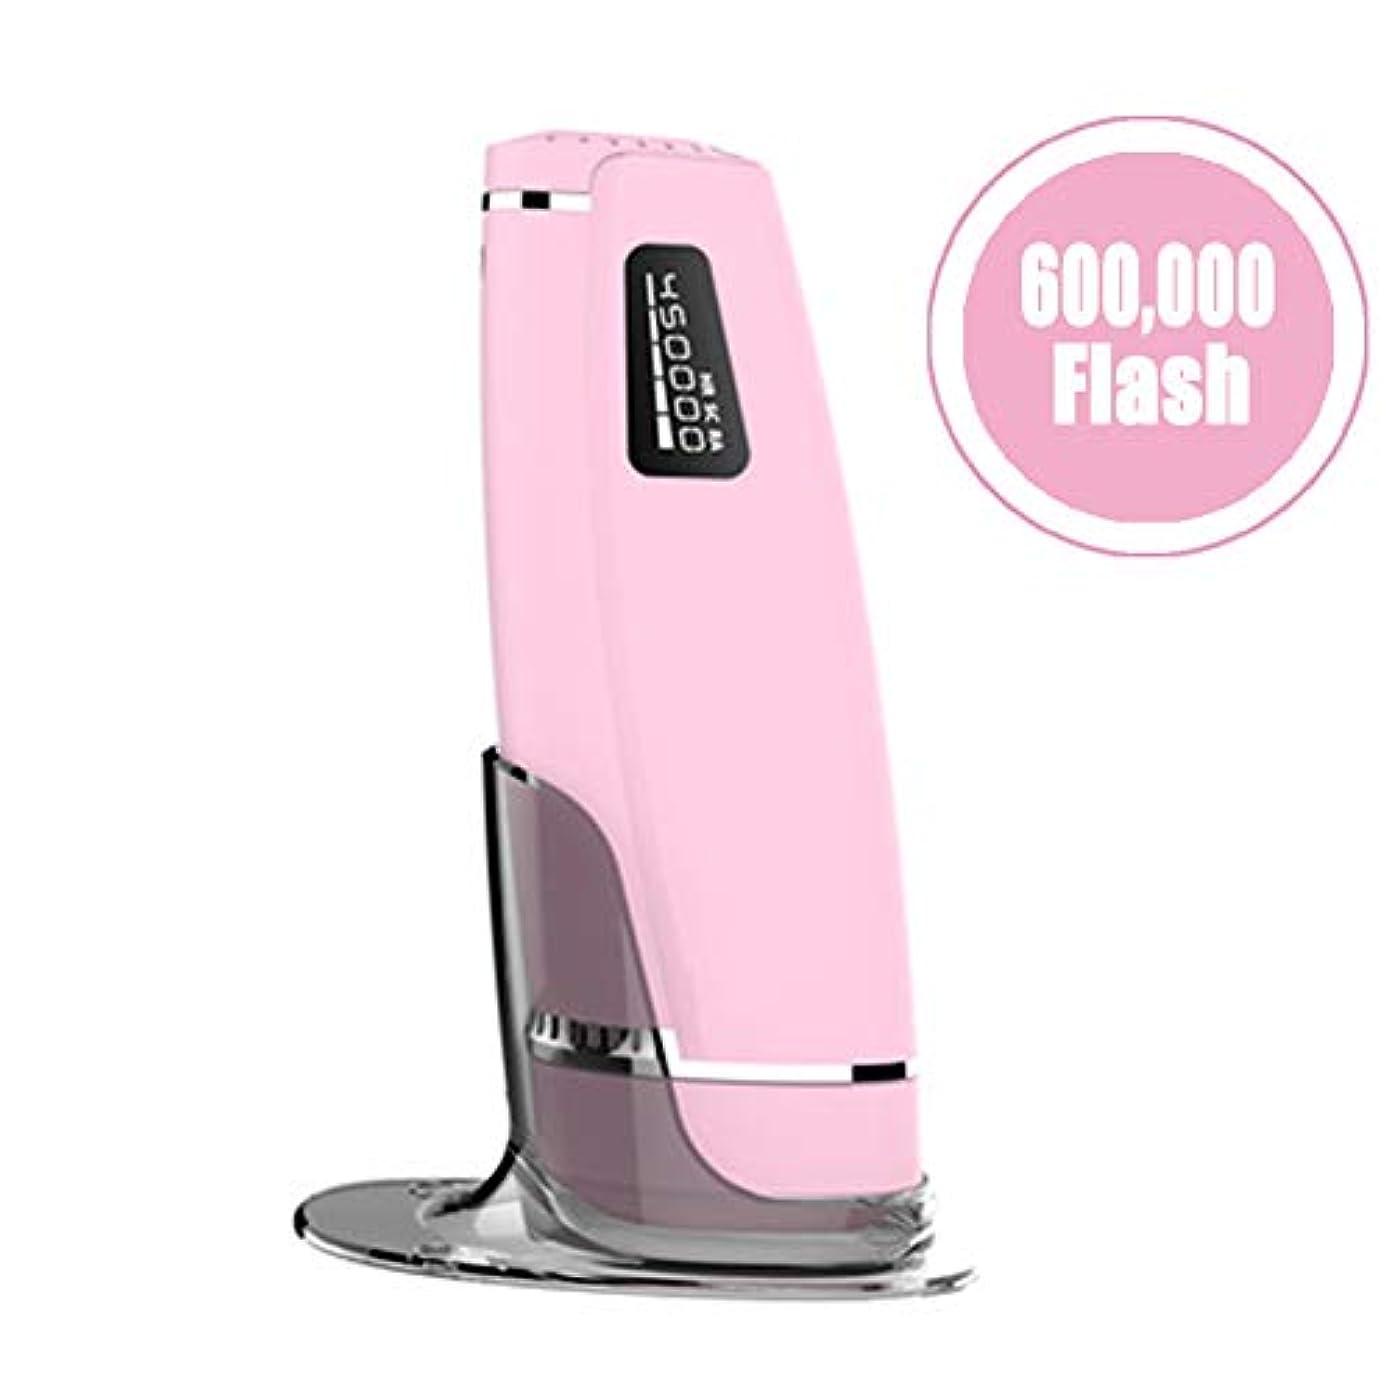 自動自治的経過アップグレードIPLレーザー脱毛システムデバイス、60万回のフラッシュ無痛常設パルス光脱毛器にとってボディフェイス脇の下ビキニライン,Pink